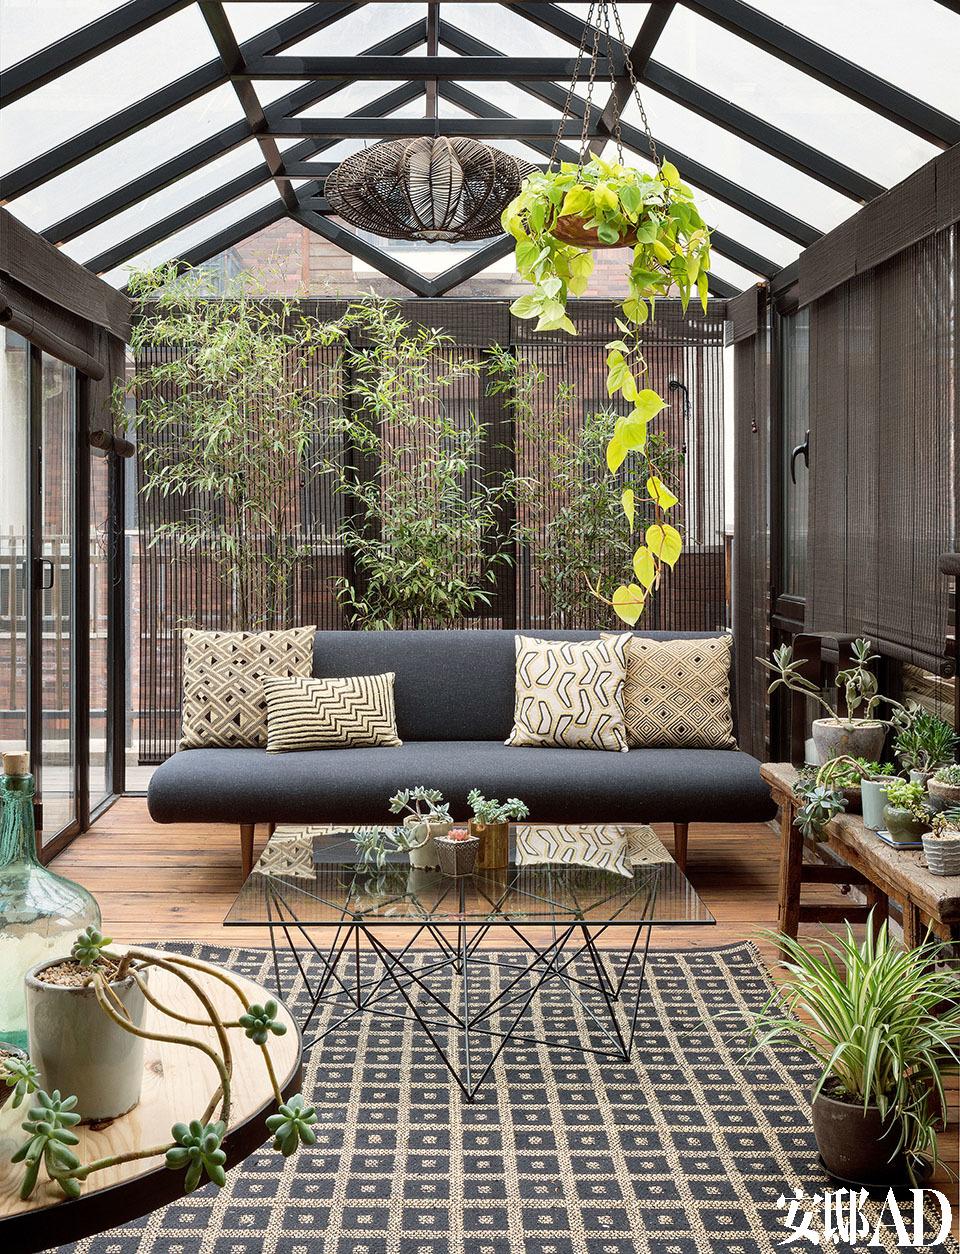 院子中,金属框架的玻璃阳光 房带来一座郁郁葱葱的室内花园,给家里增添了勃勃生机。设计师在院落中设计了这间阳光房,吊灯来自Pilma,户外沙发购自Heal's,玻璃茶几购自Habitat,地毯由Caravane出品。